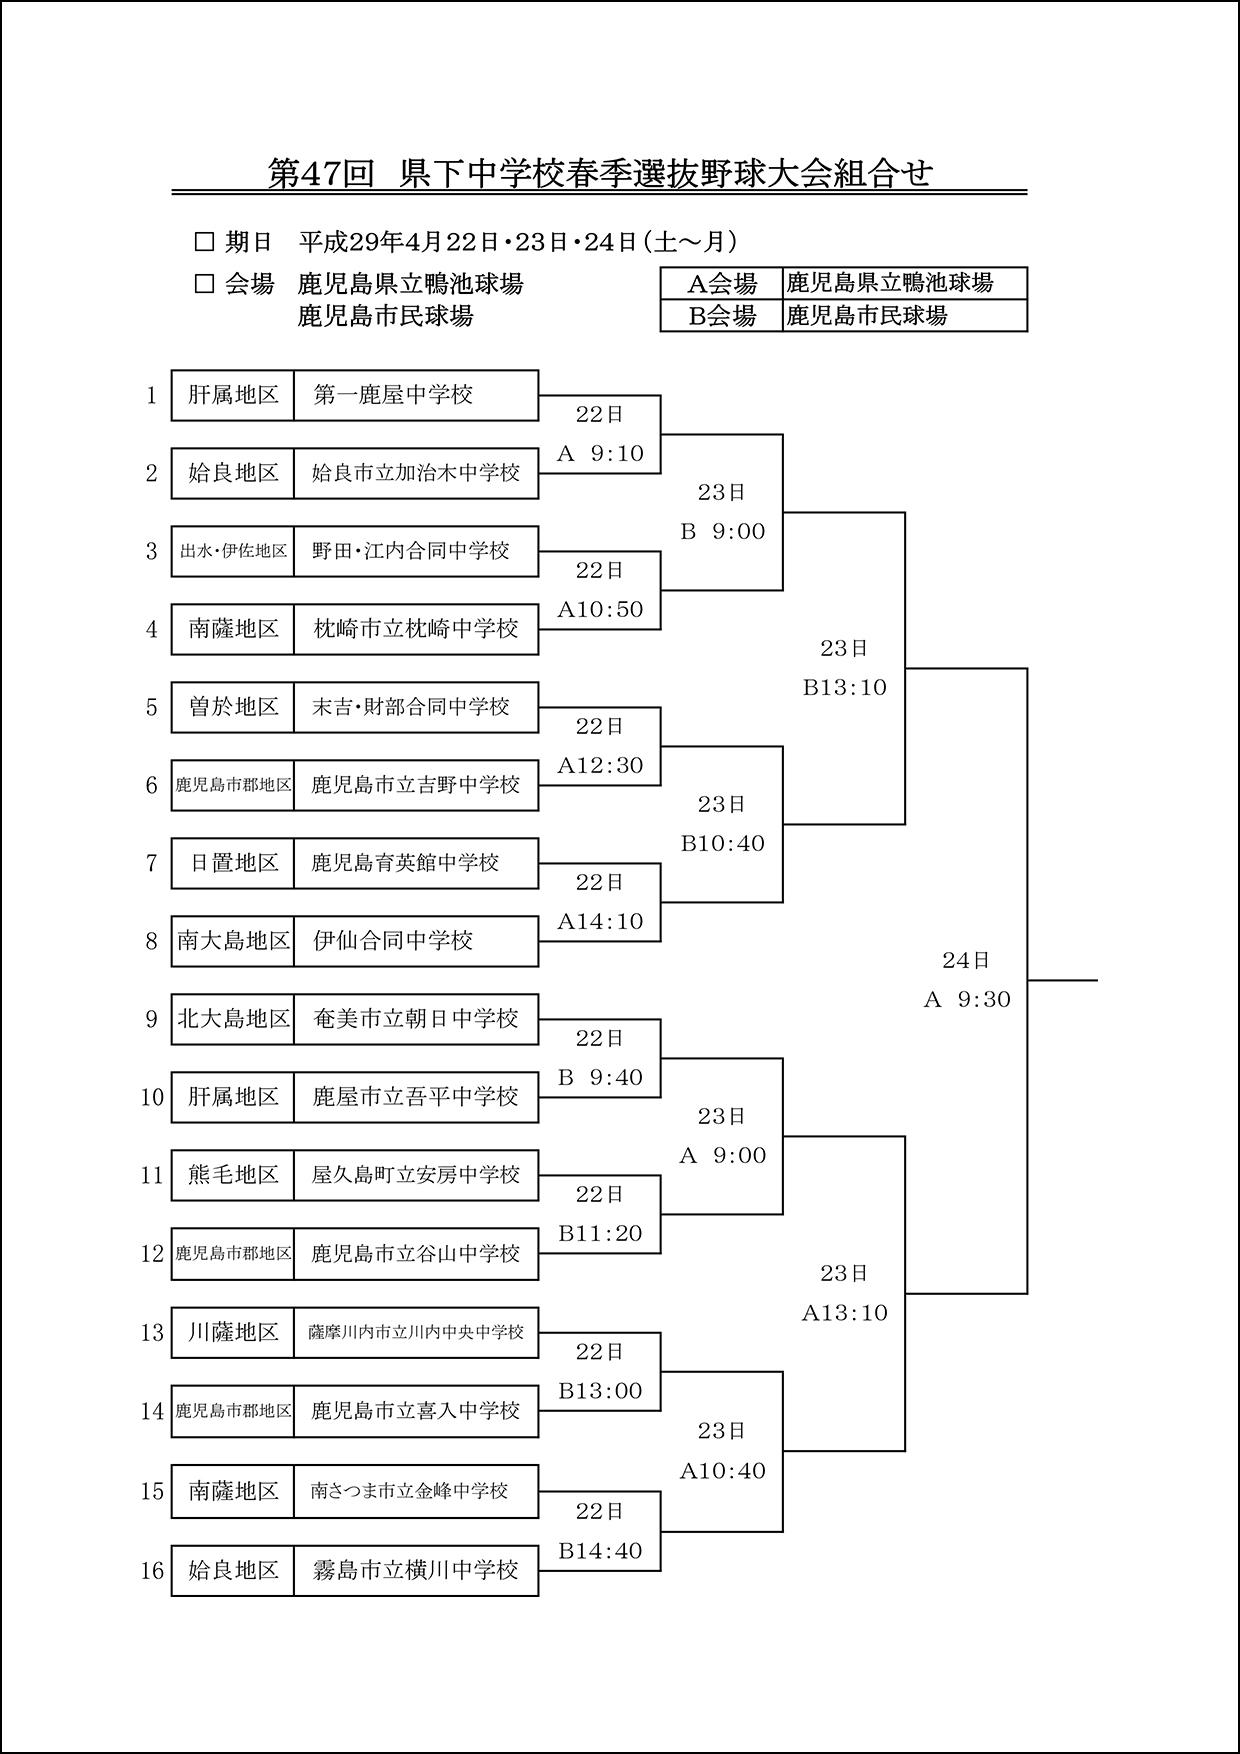 ▽【組合せ】第47回県下中学校春季選抜軟式野球大会組合せ